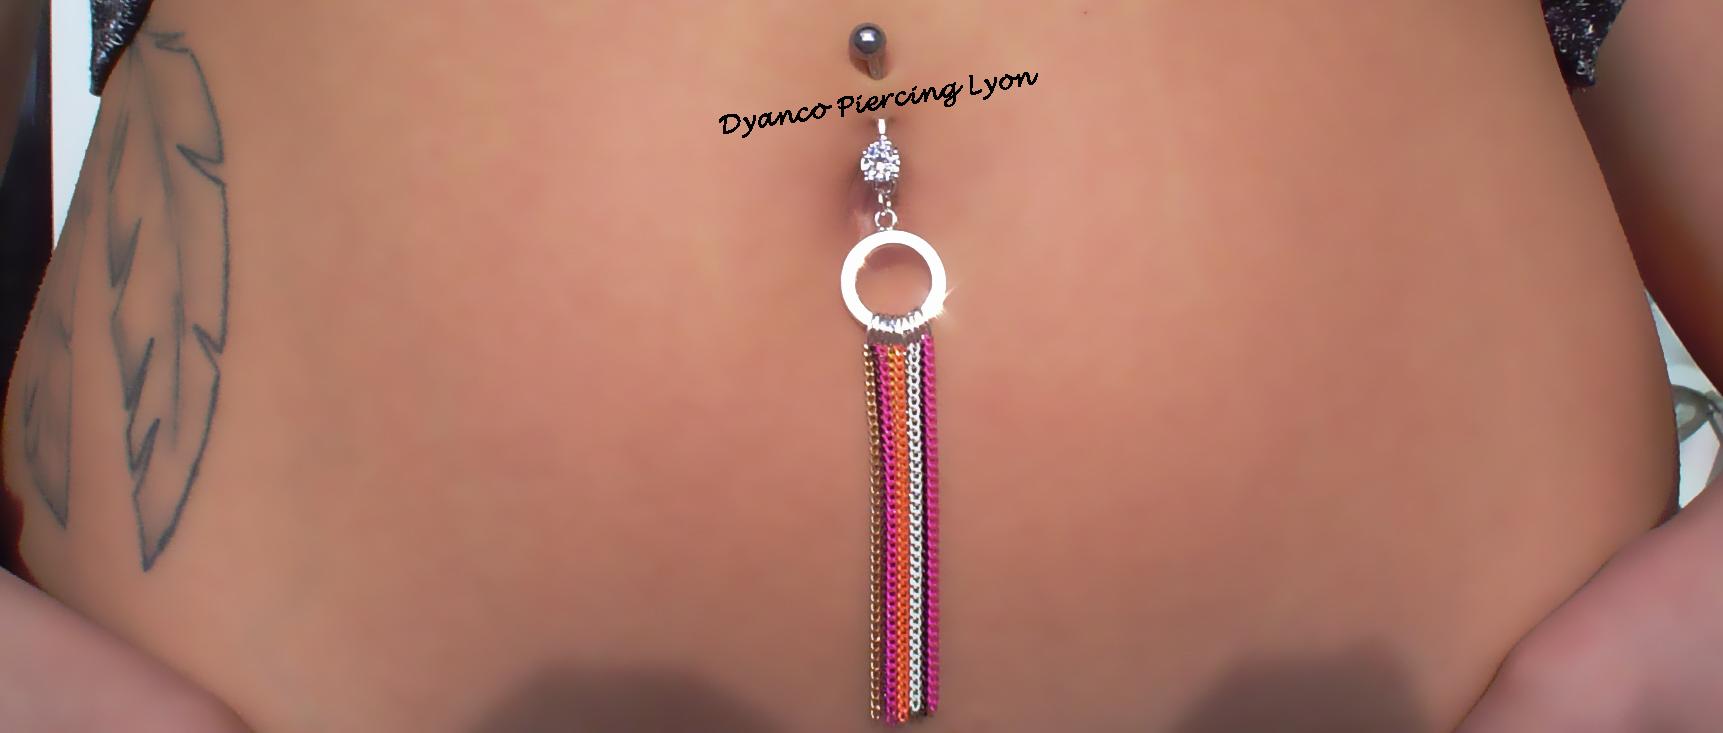 piercing  nombril anneau et chaine - dyanco